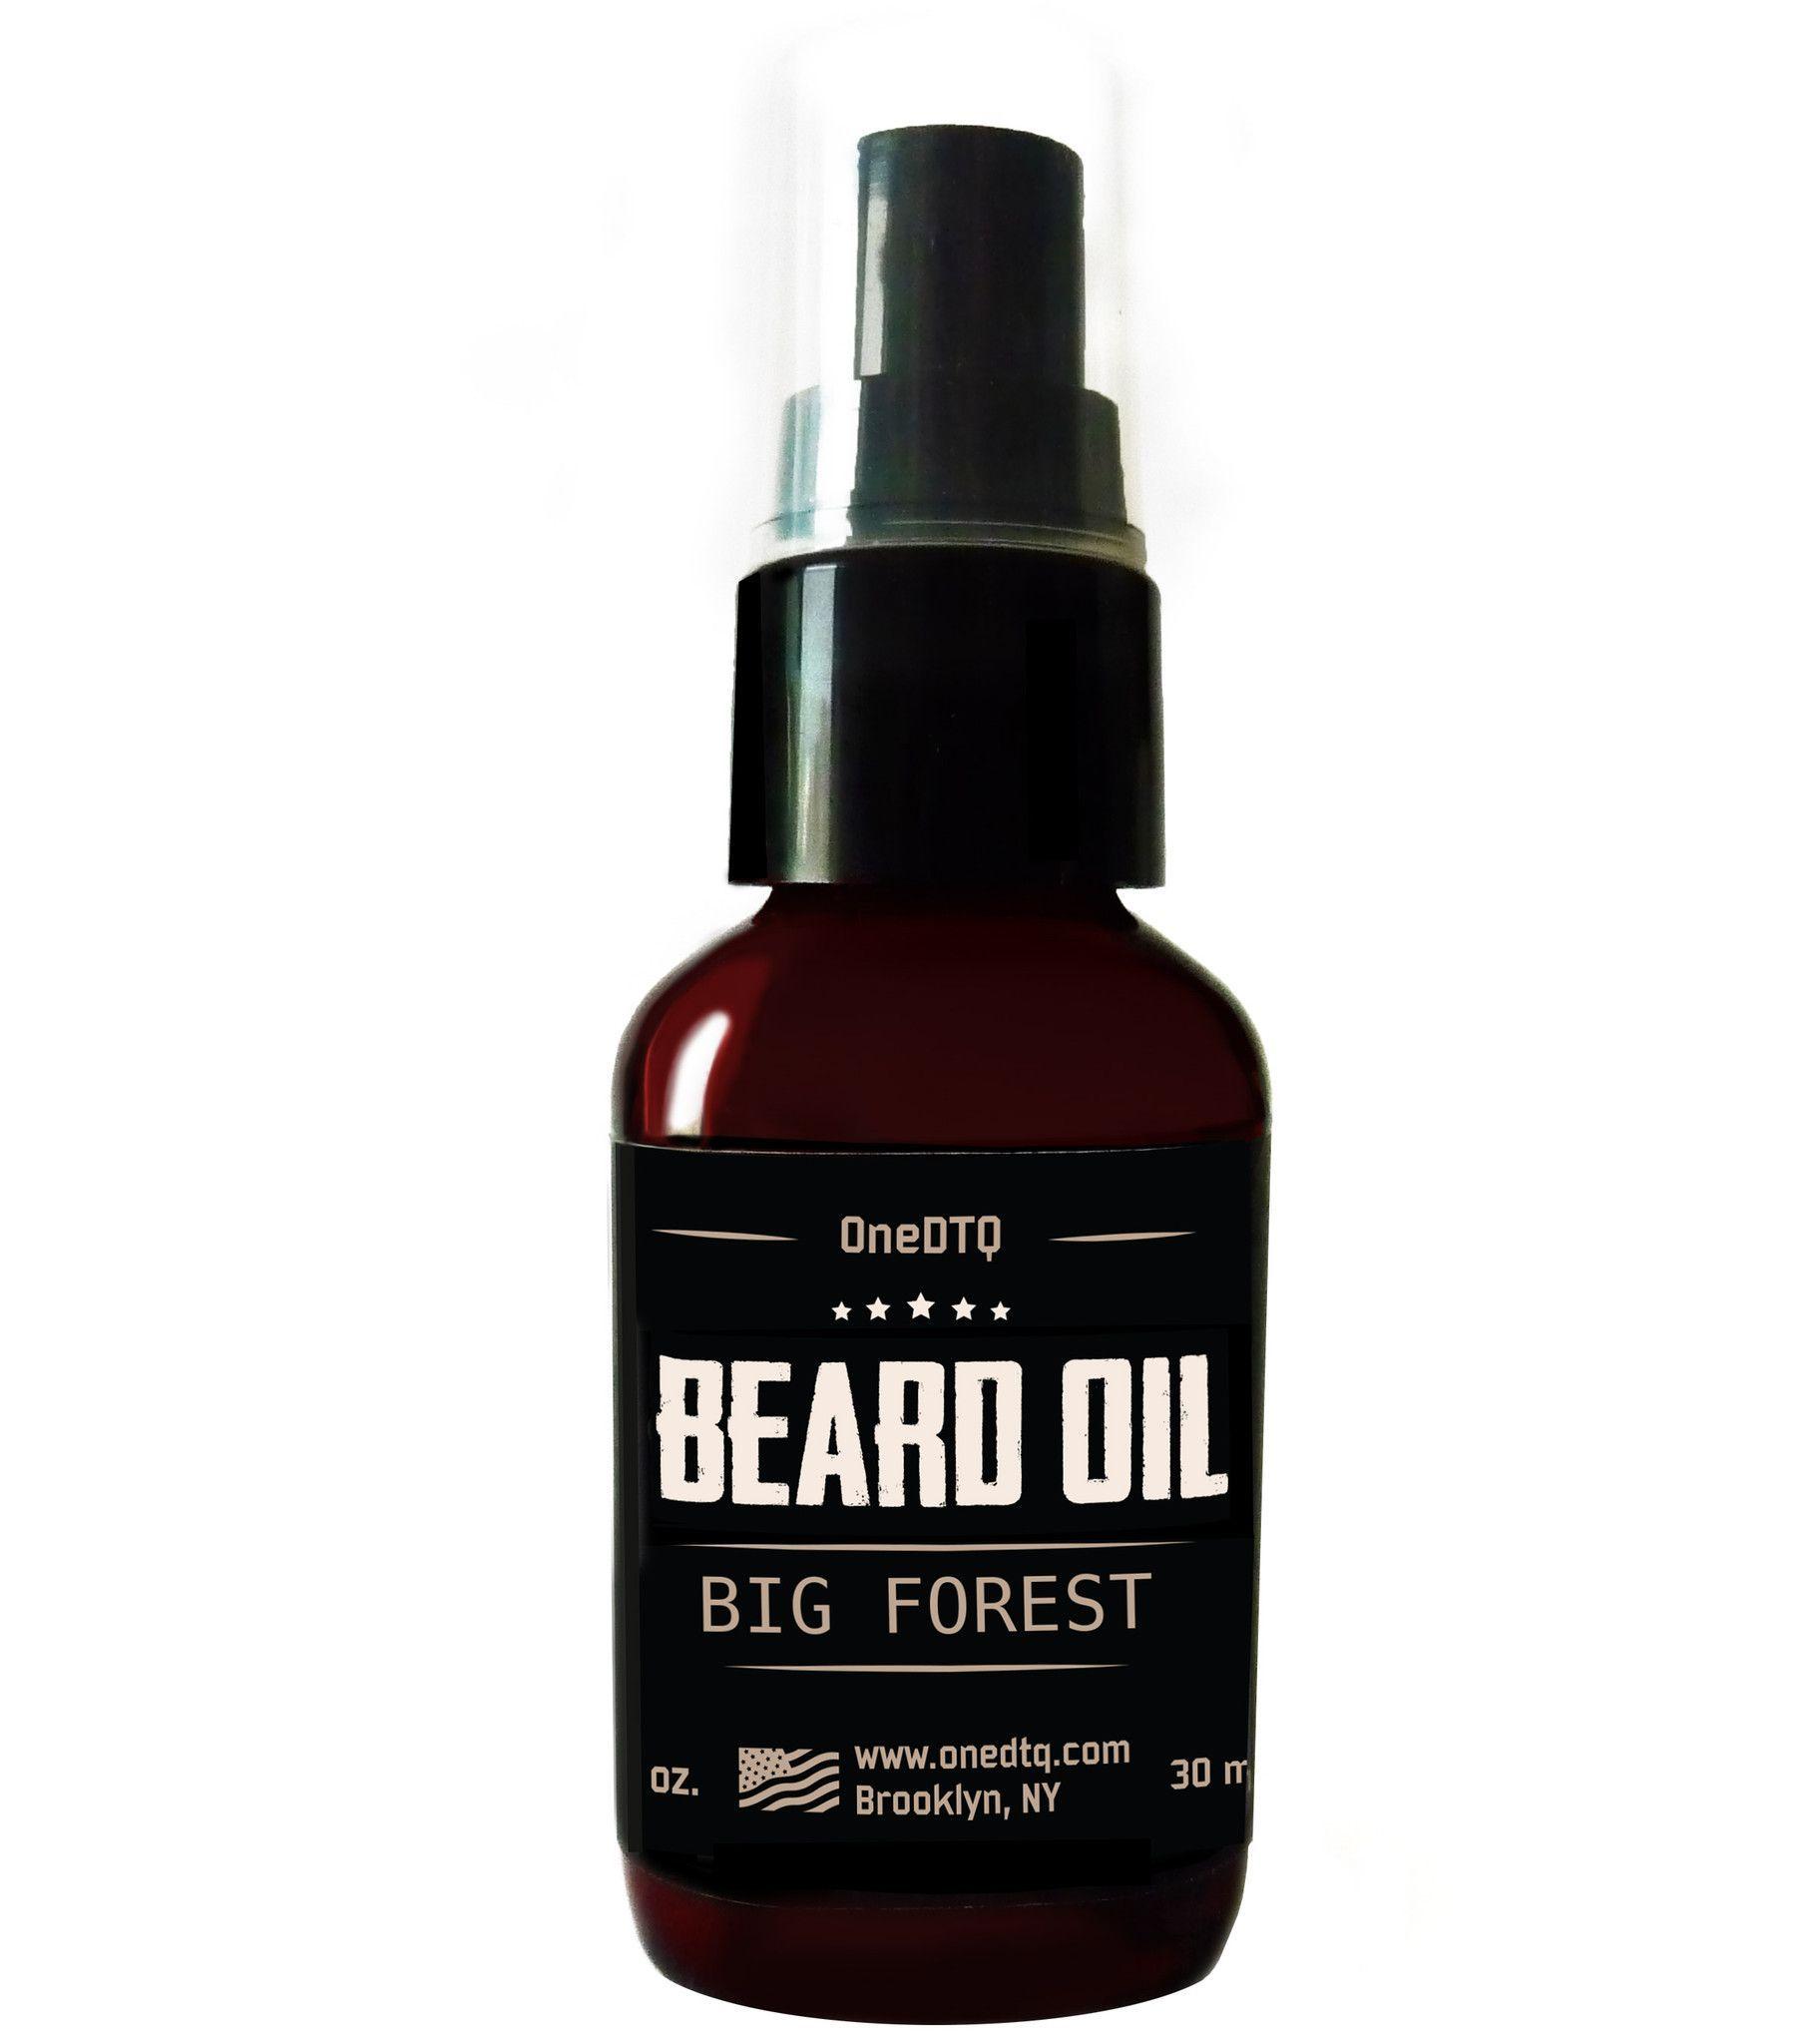 Big Forest Beard Oil 1 fl oz Beard oil, Hair oil, Beard